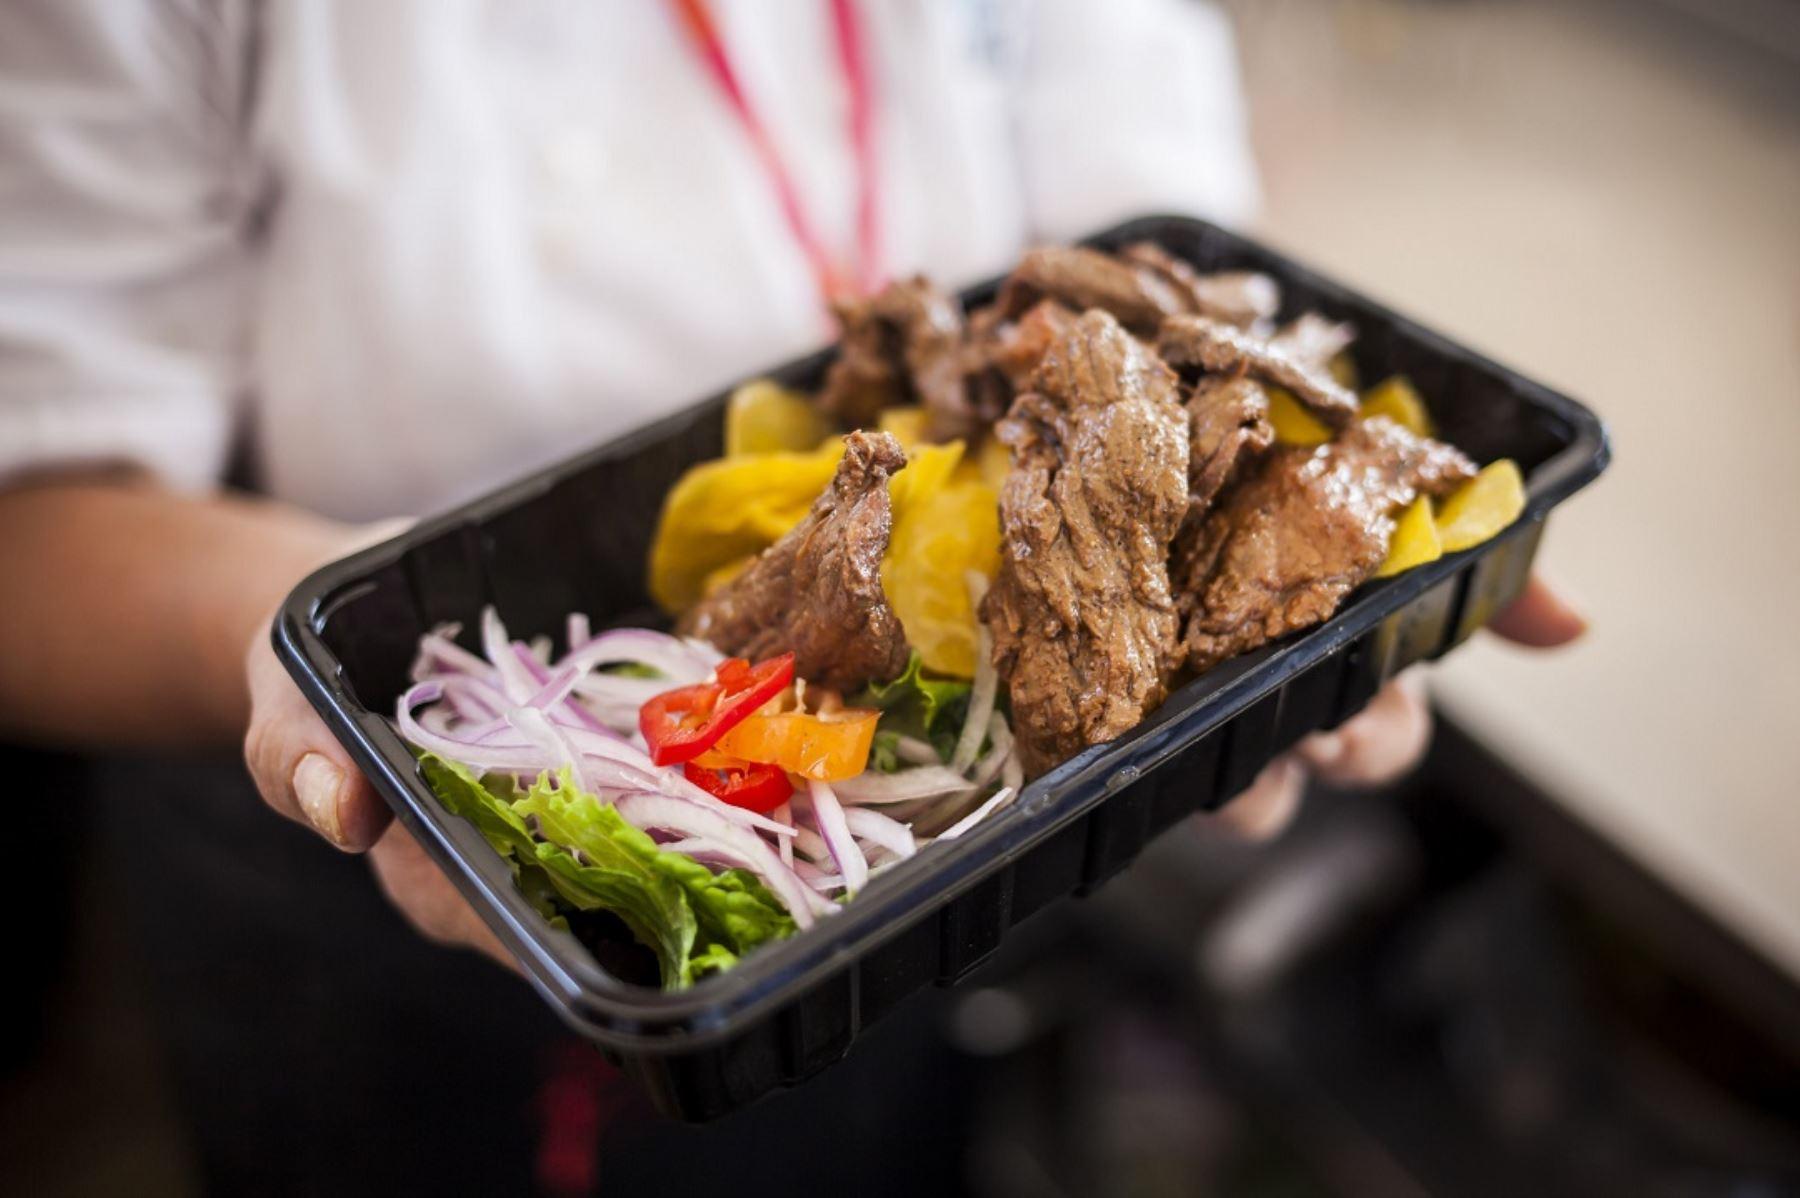 Platos emblemáticos de la cocina regional como seco de chavelo deleitarán al público que asista a la octava edición de Mistura, a realizarse del 4 al 13 de setiembre próximo.